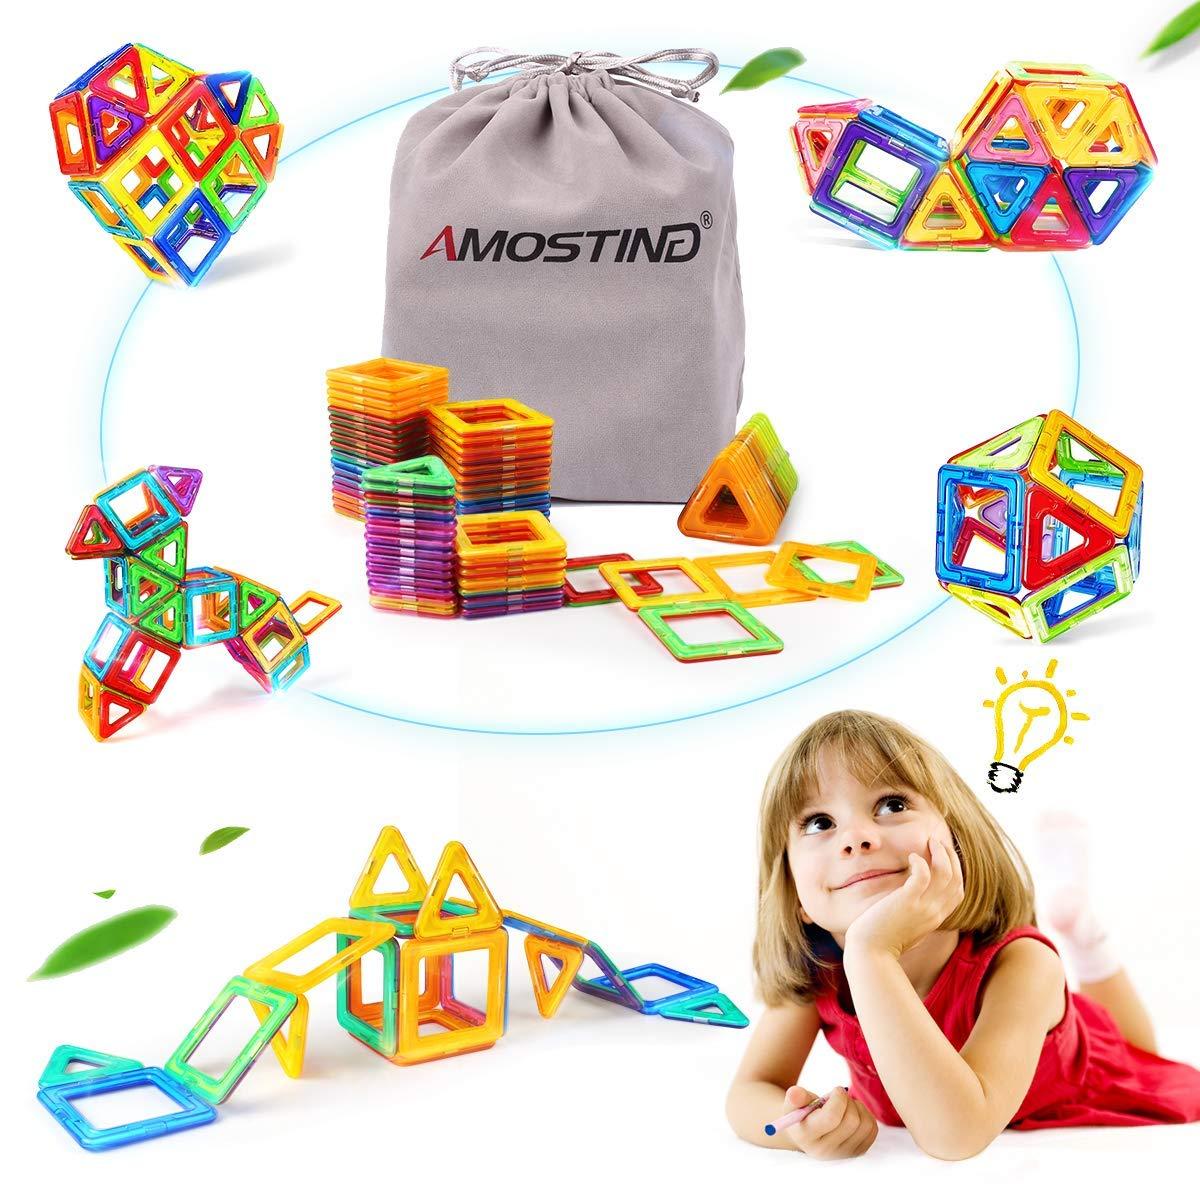 AMOSTING磁気おもちゃBuildingタイルブロックスタックセット – 64個   B07S7GTYD9